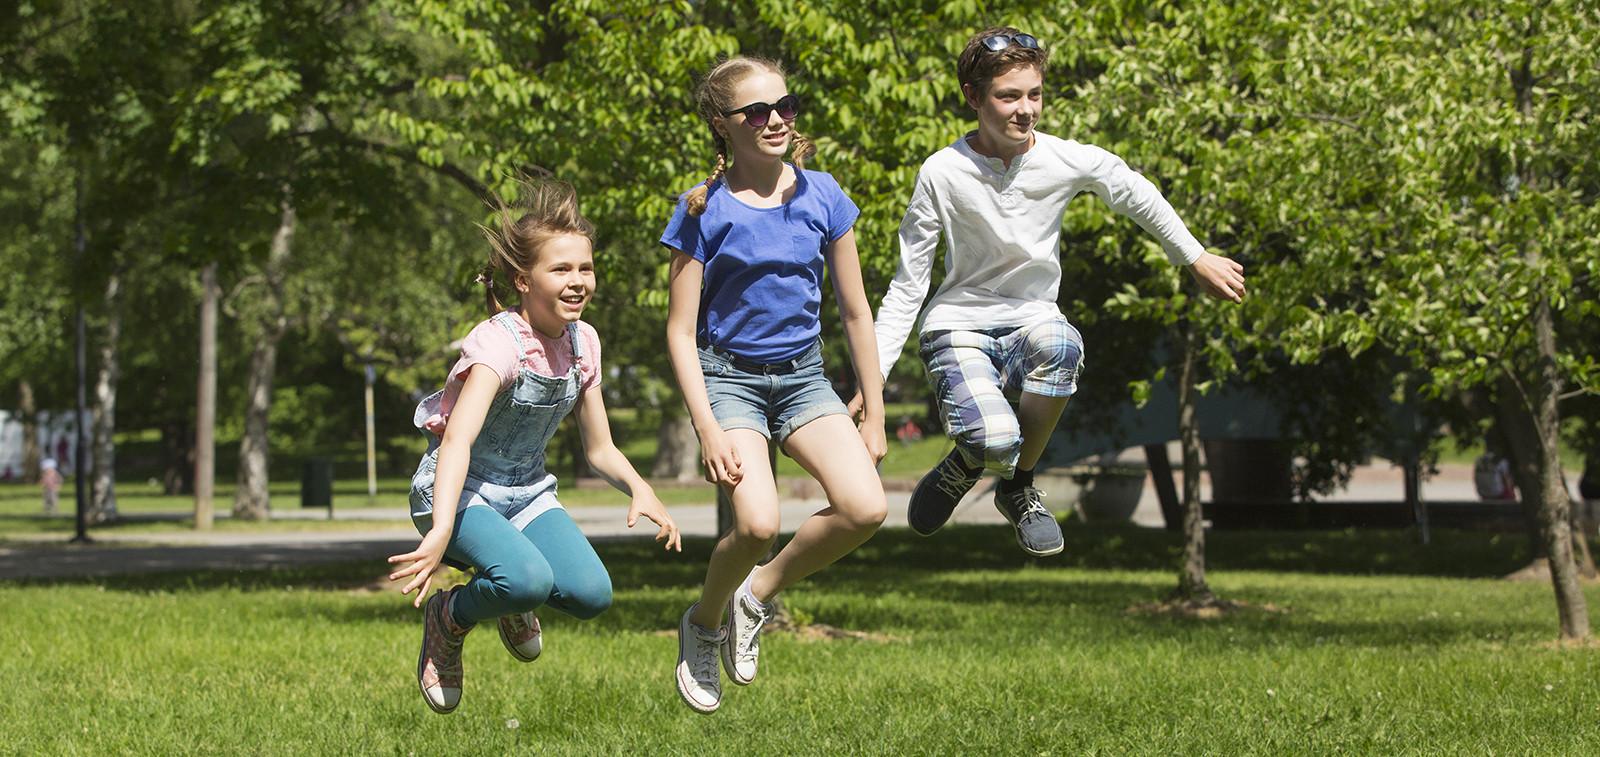 Kolme lasta hyppää ilmaan puistossa